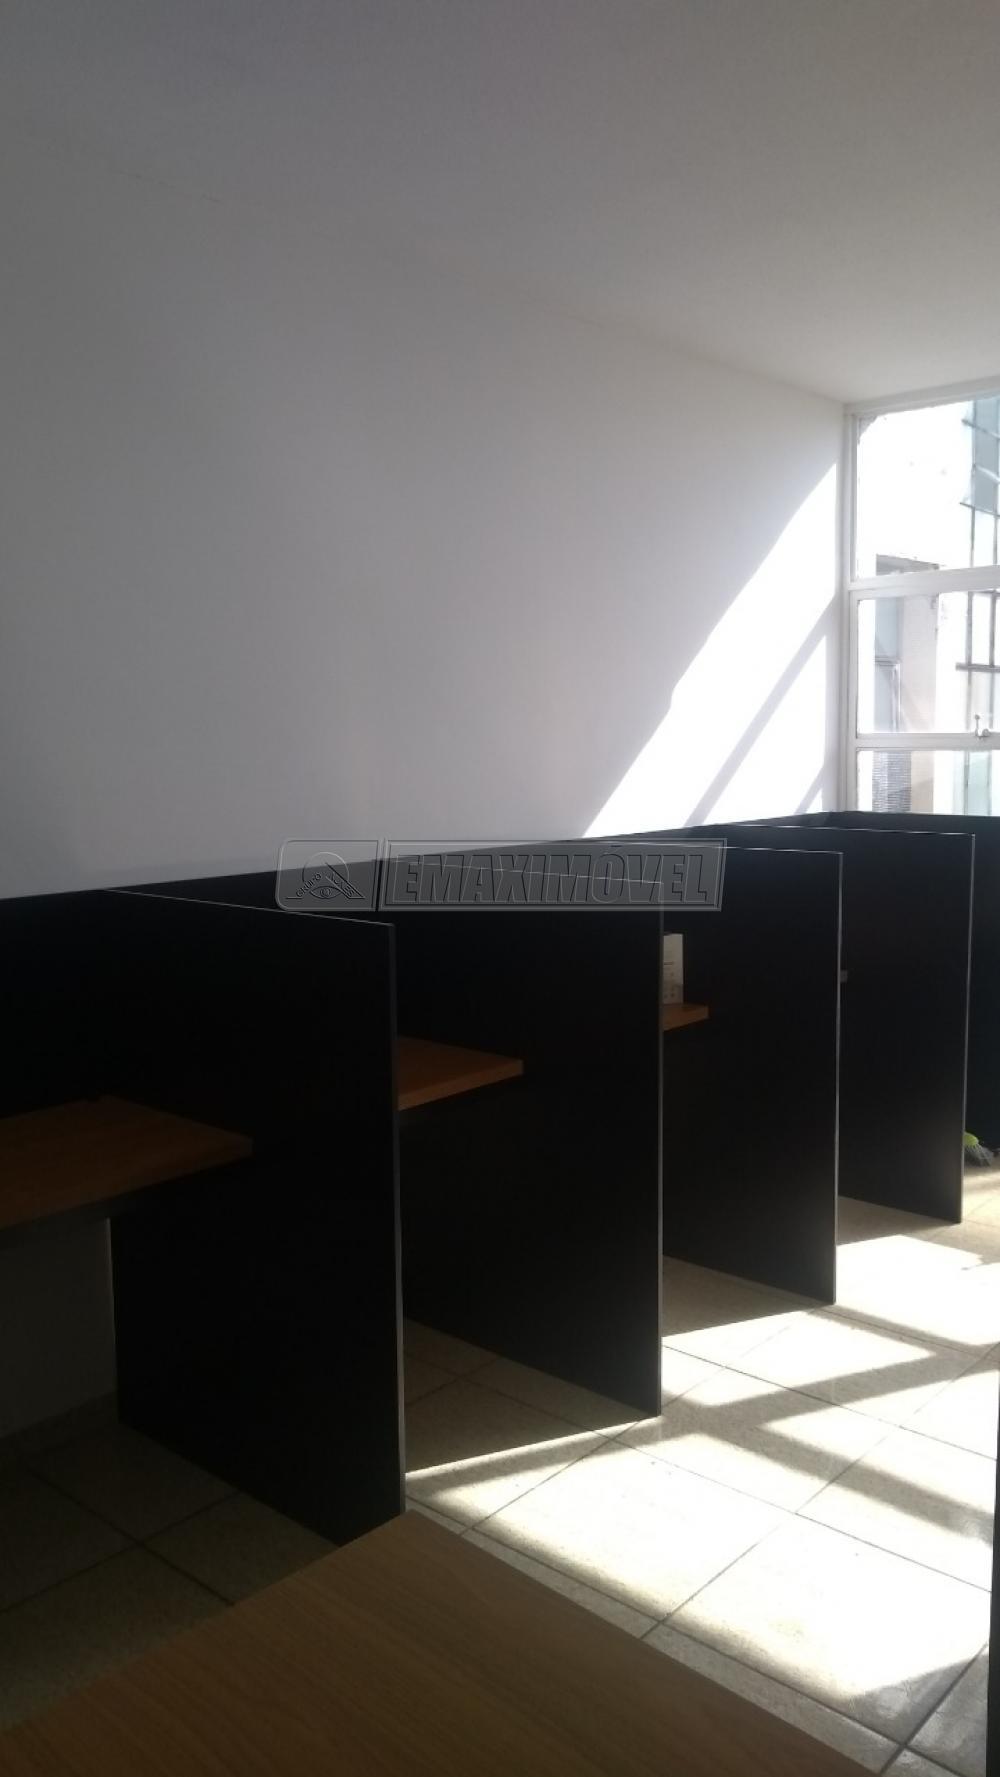 Alugar Comercial / Prédios em Sorocaba R$ 800,00 - Foto 3